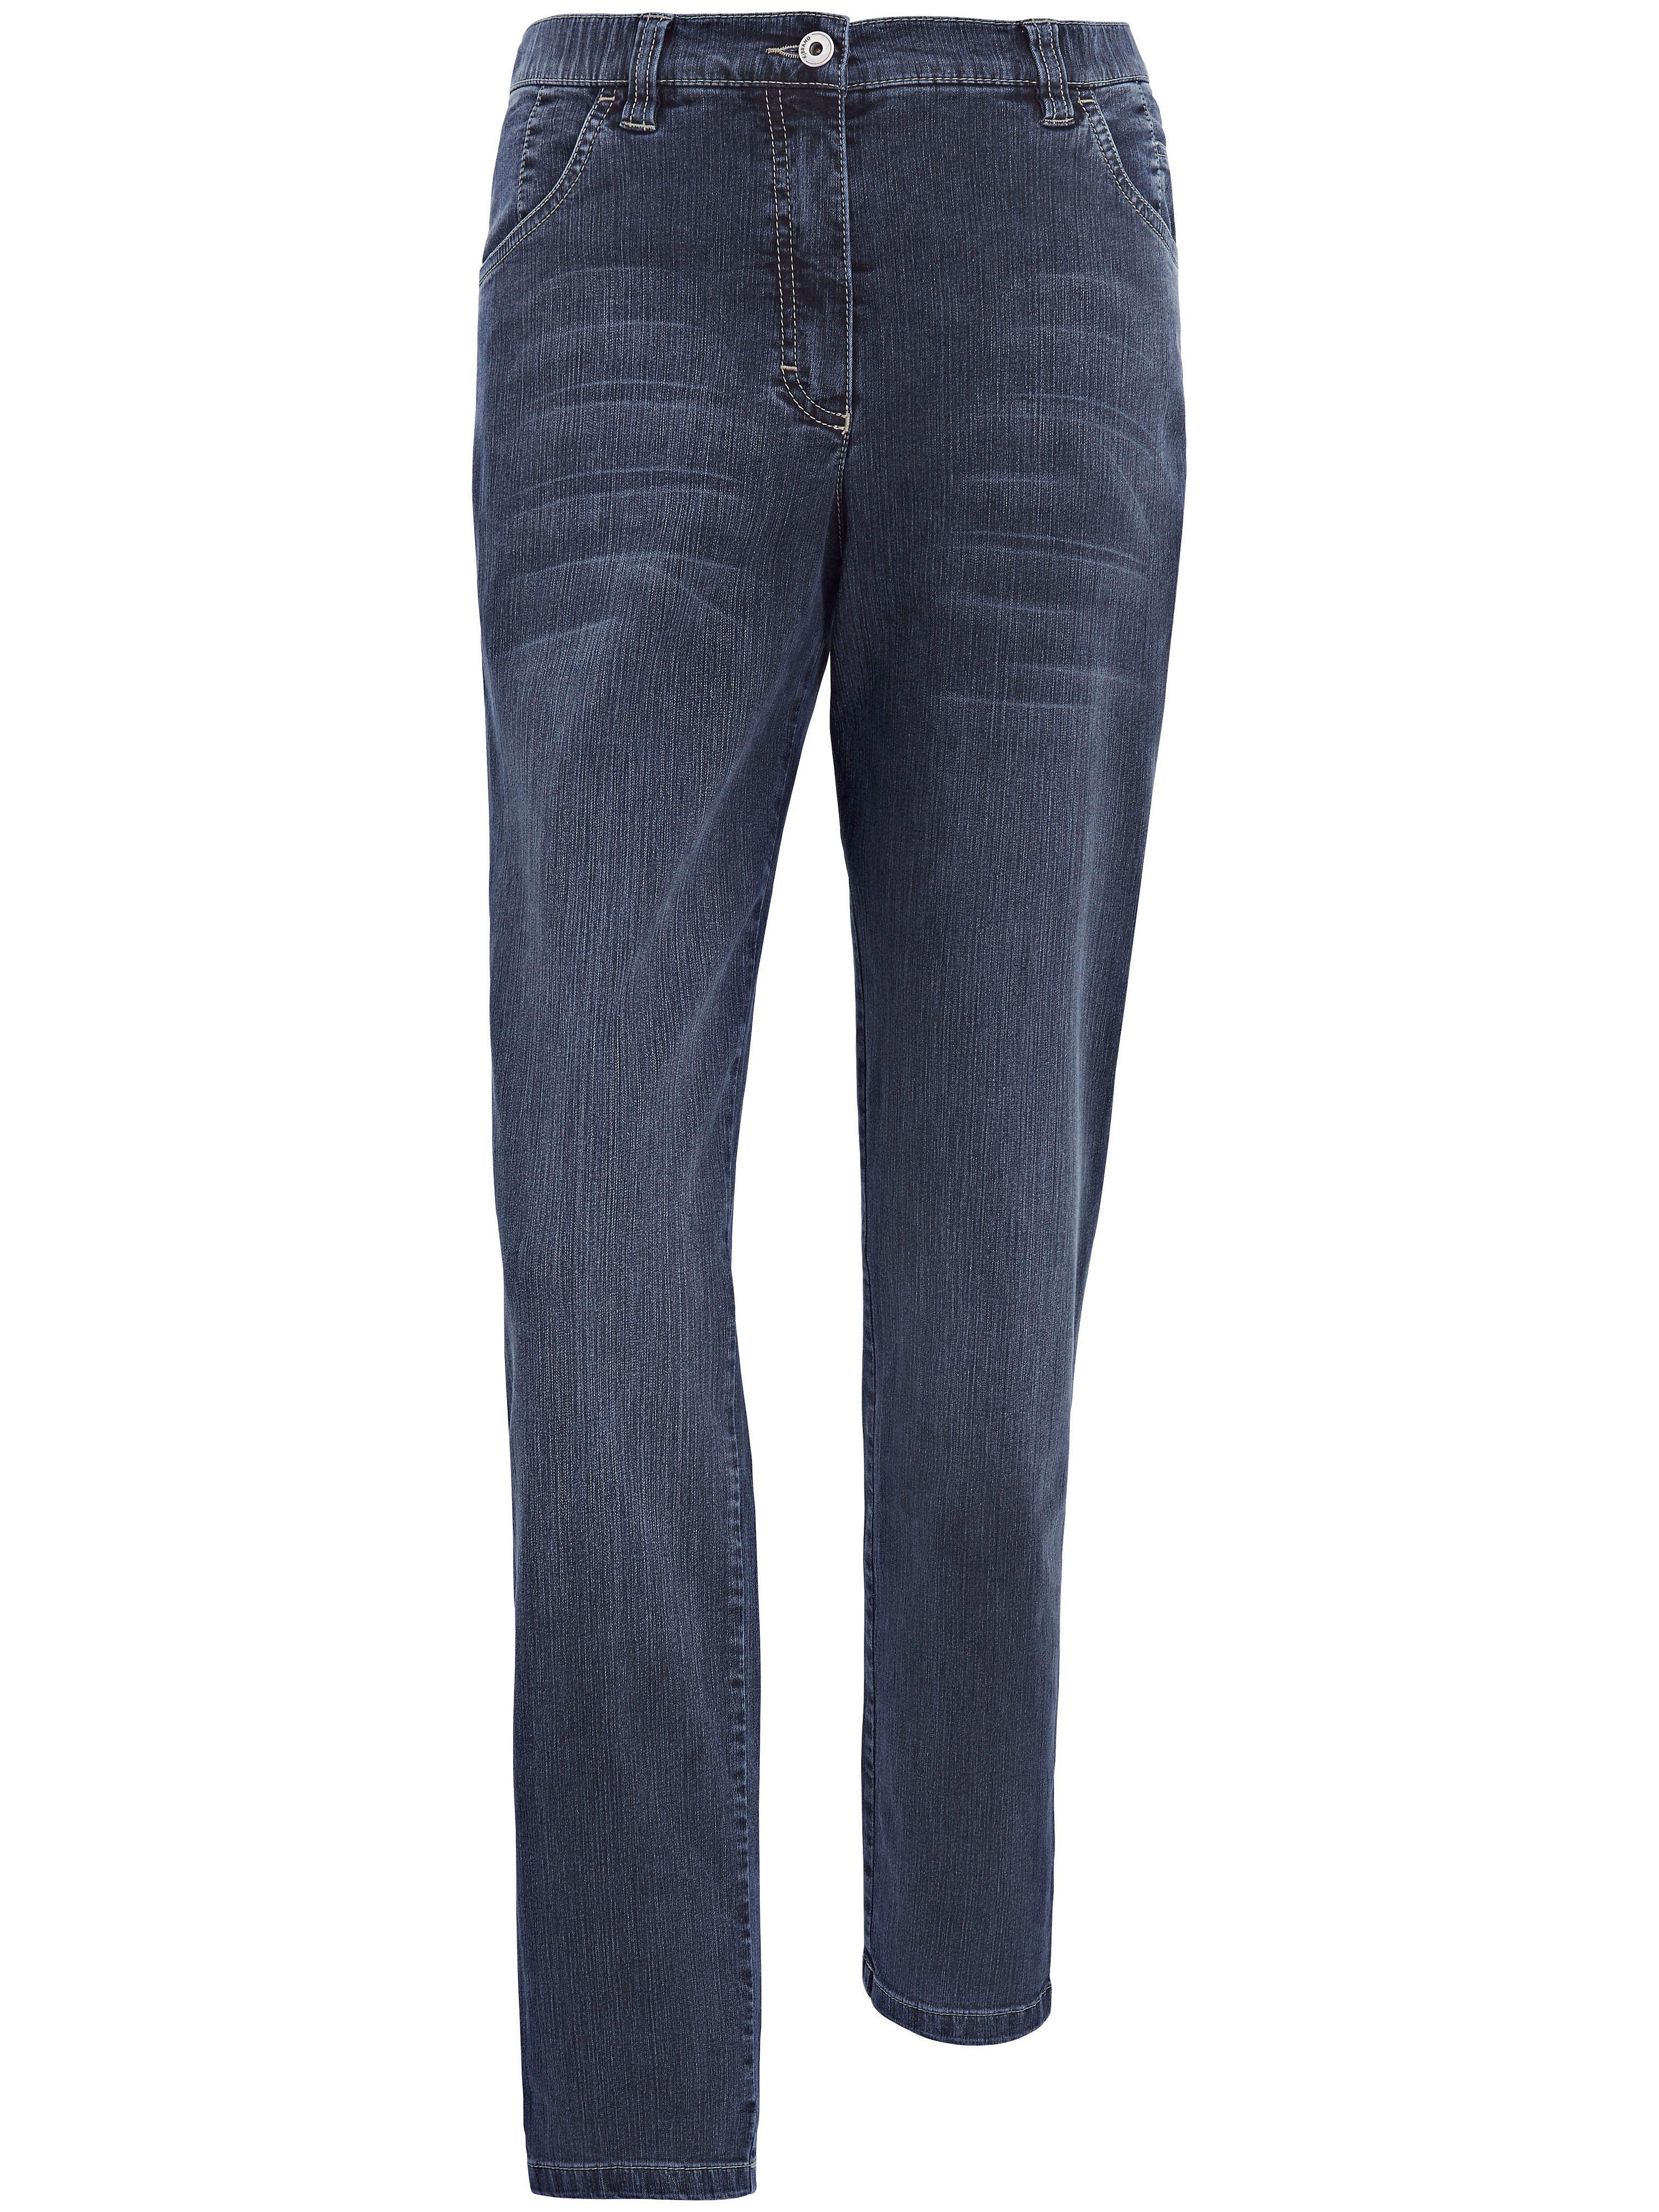 Le jean - Modèle BETTY CS  KjBrand bleu